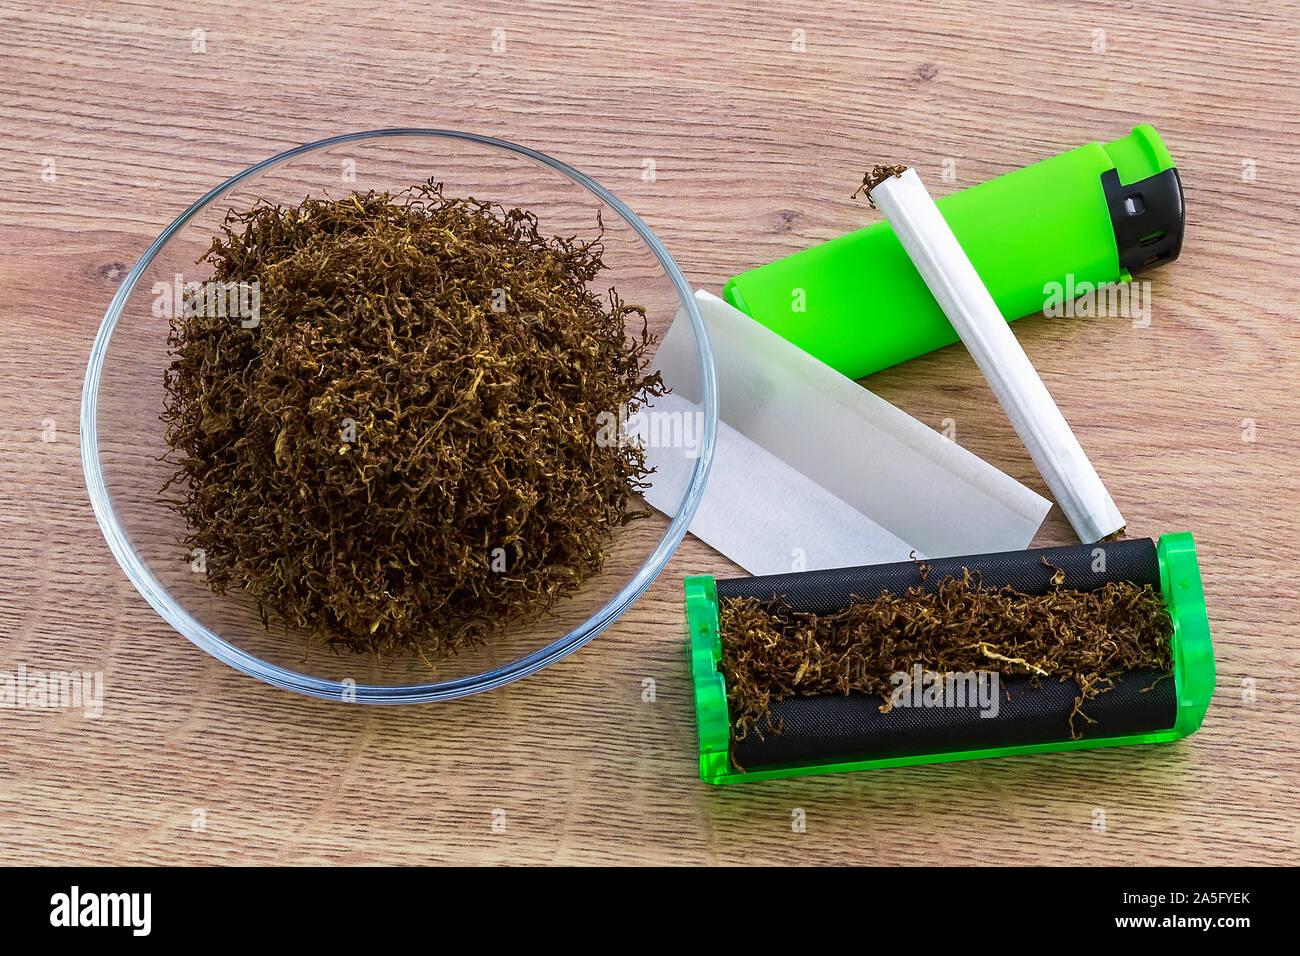 Rotolamento Di Sigarette Immagini E Fotos Stock Alamy